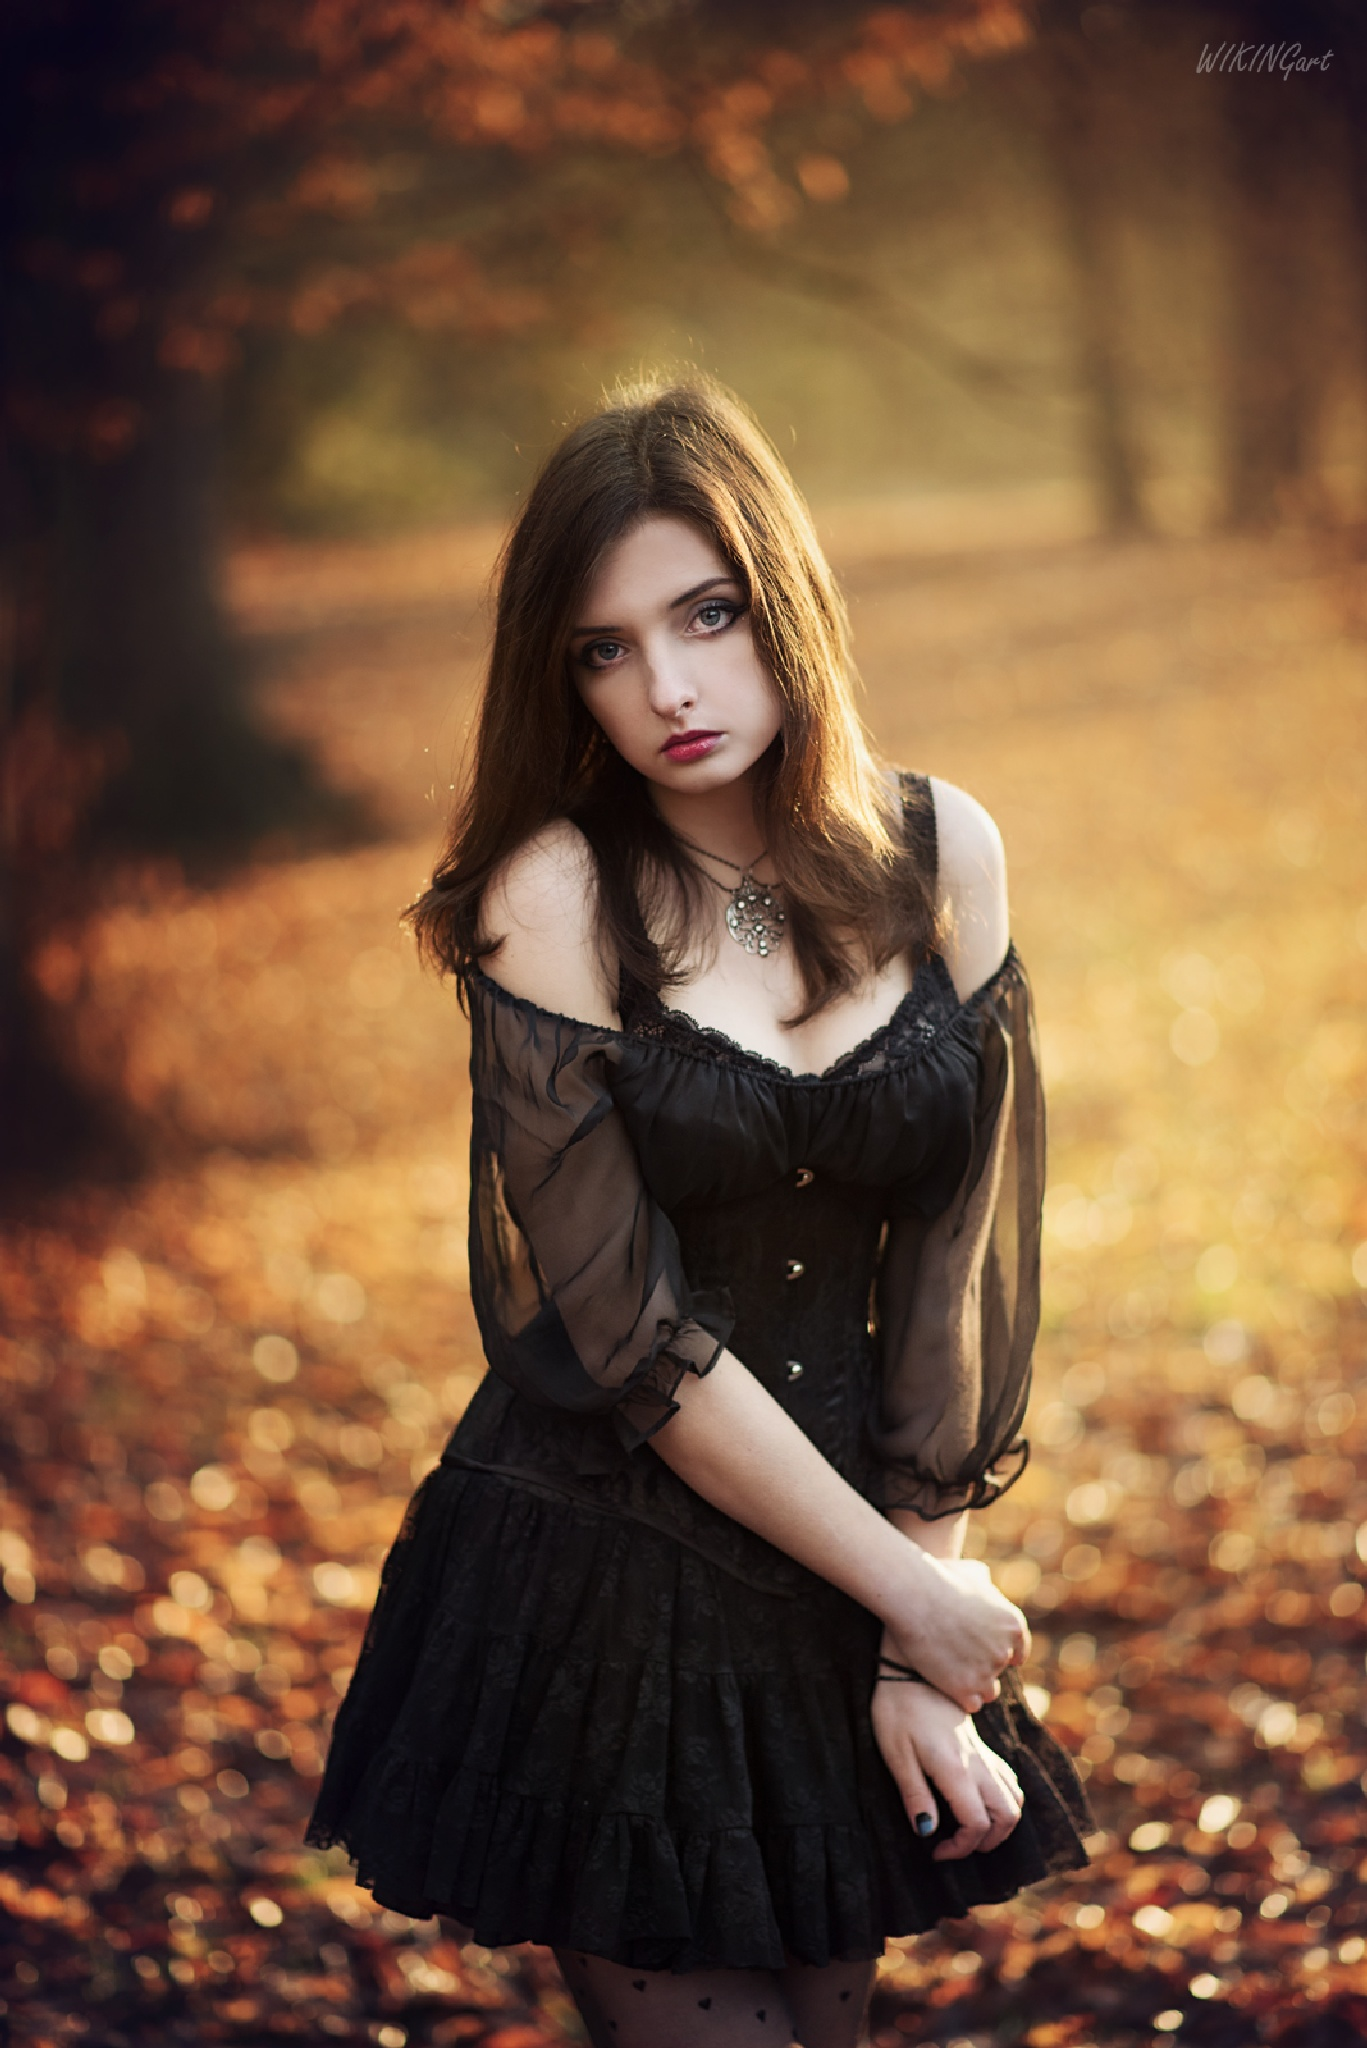 Gothic Fantasy by Michał Piotrowski